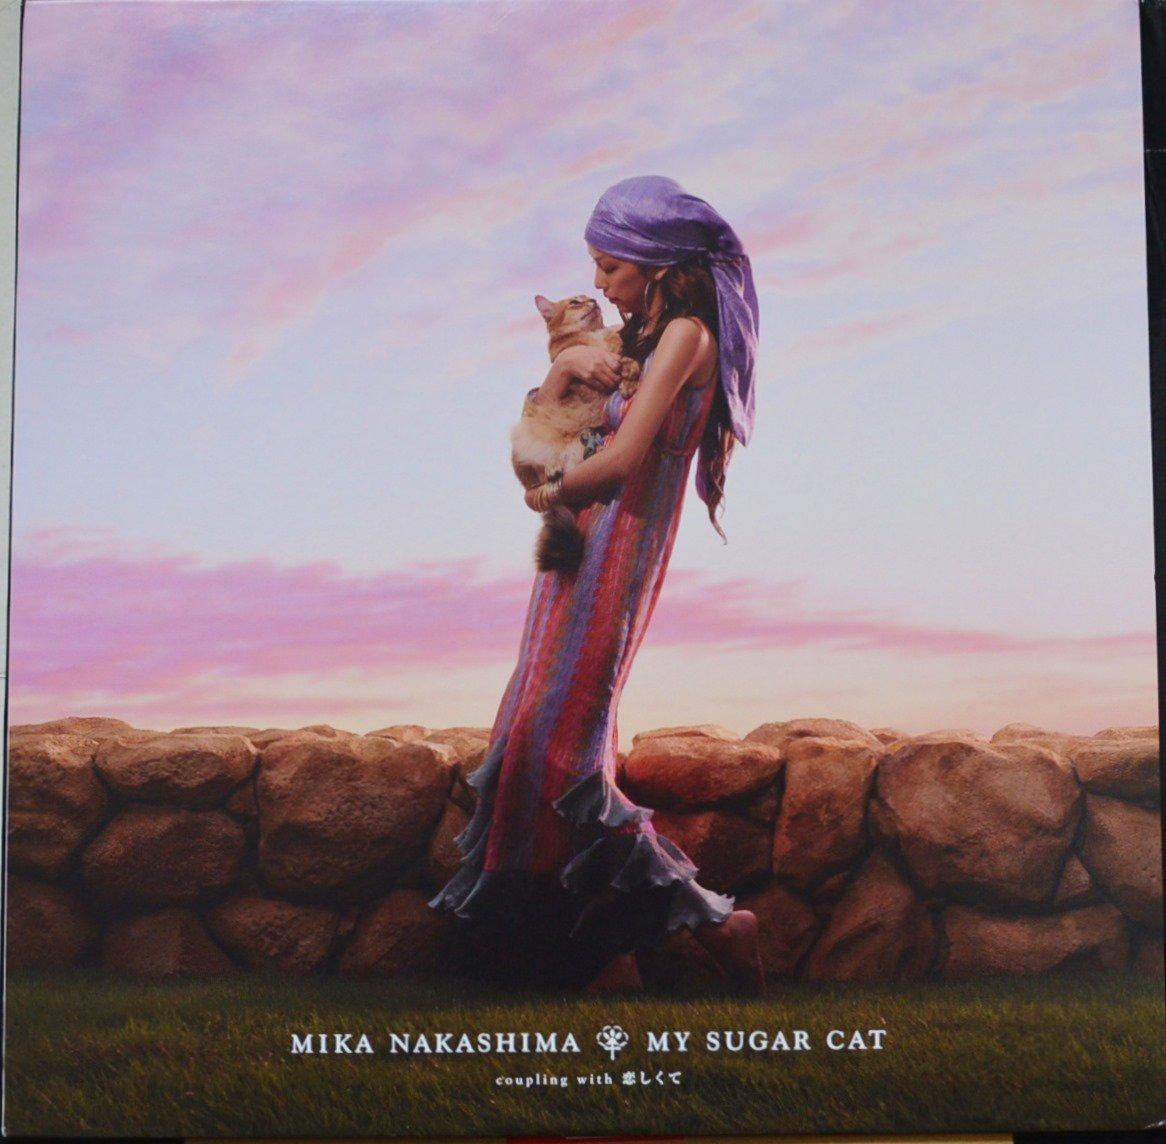 中島美嘉 MIKA NAKASHIMA / MY SUGAR CAT / 恋しくて (BEGINカバー) (12